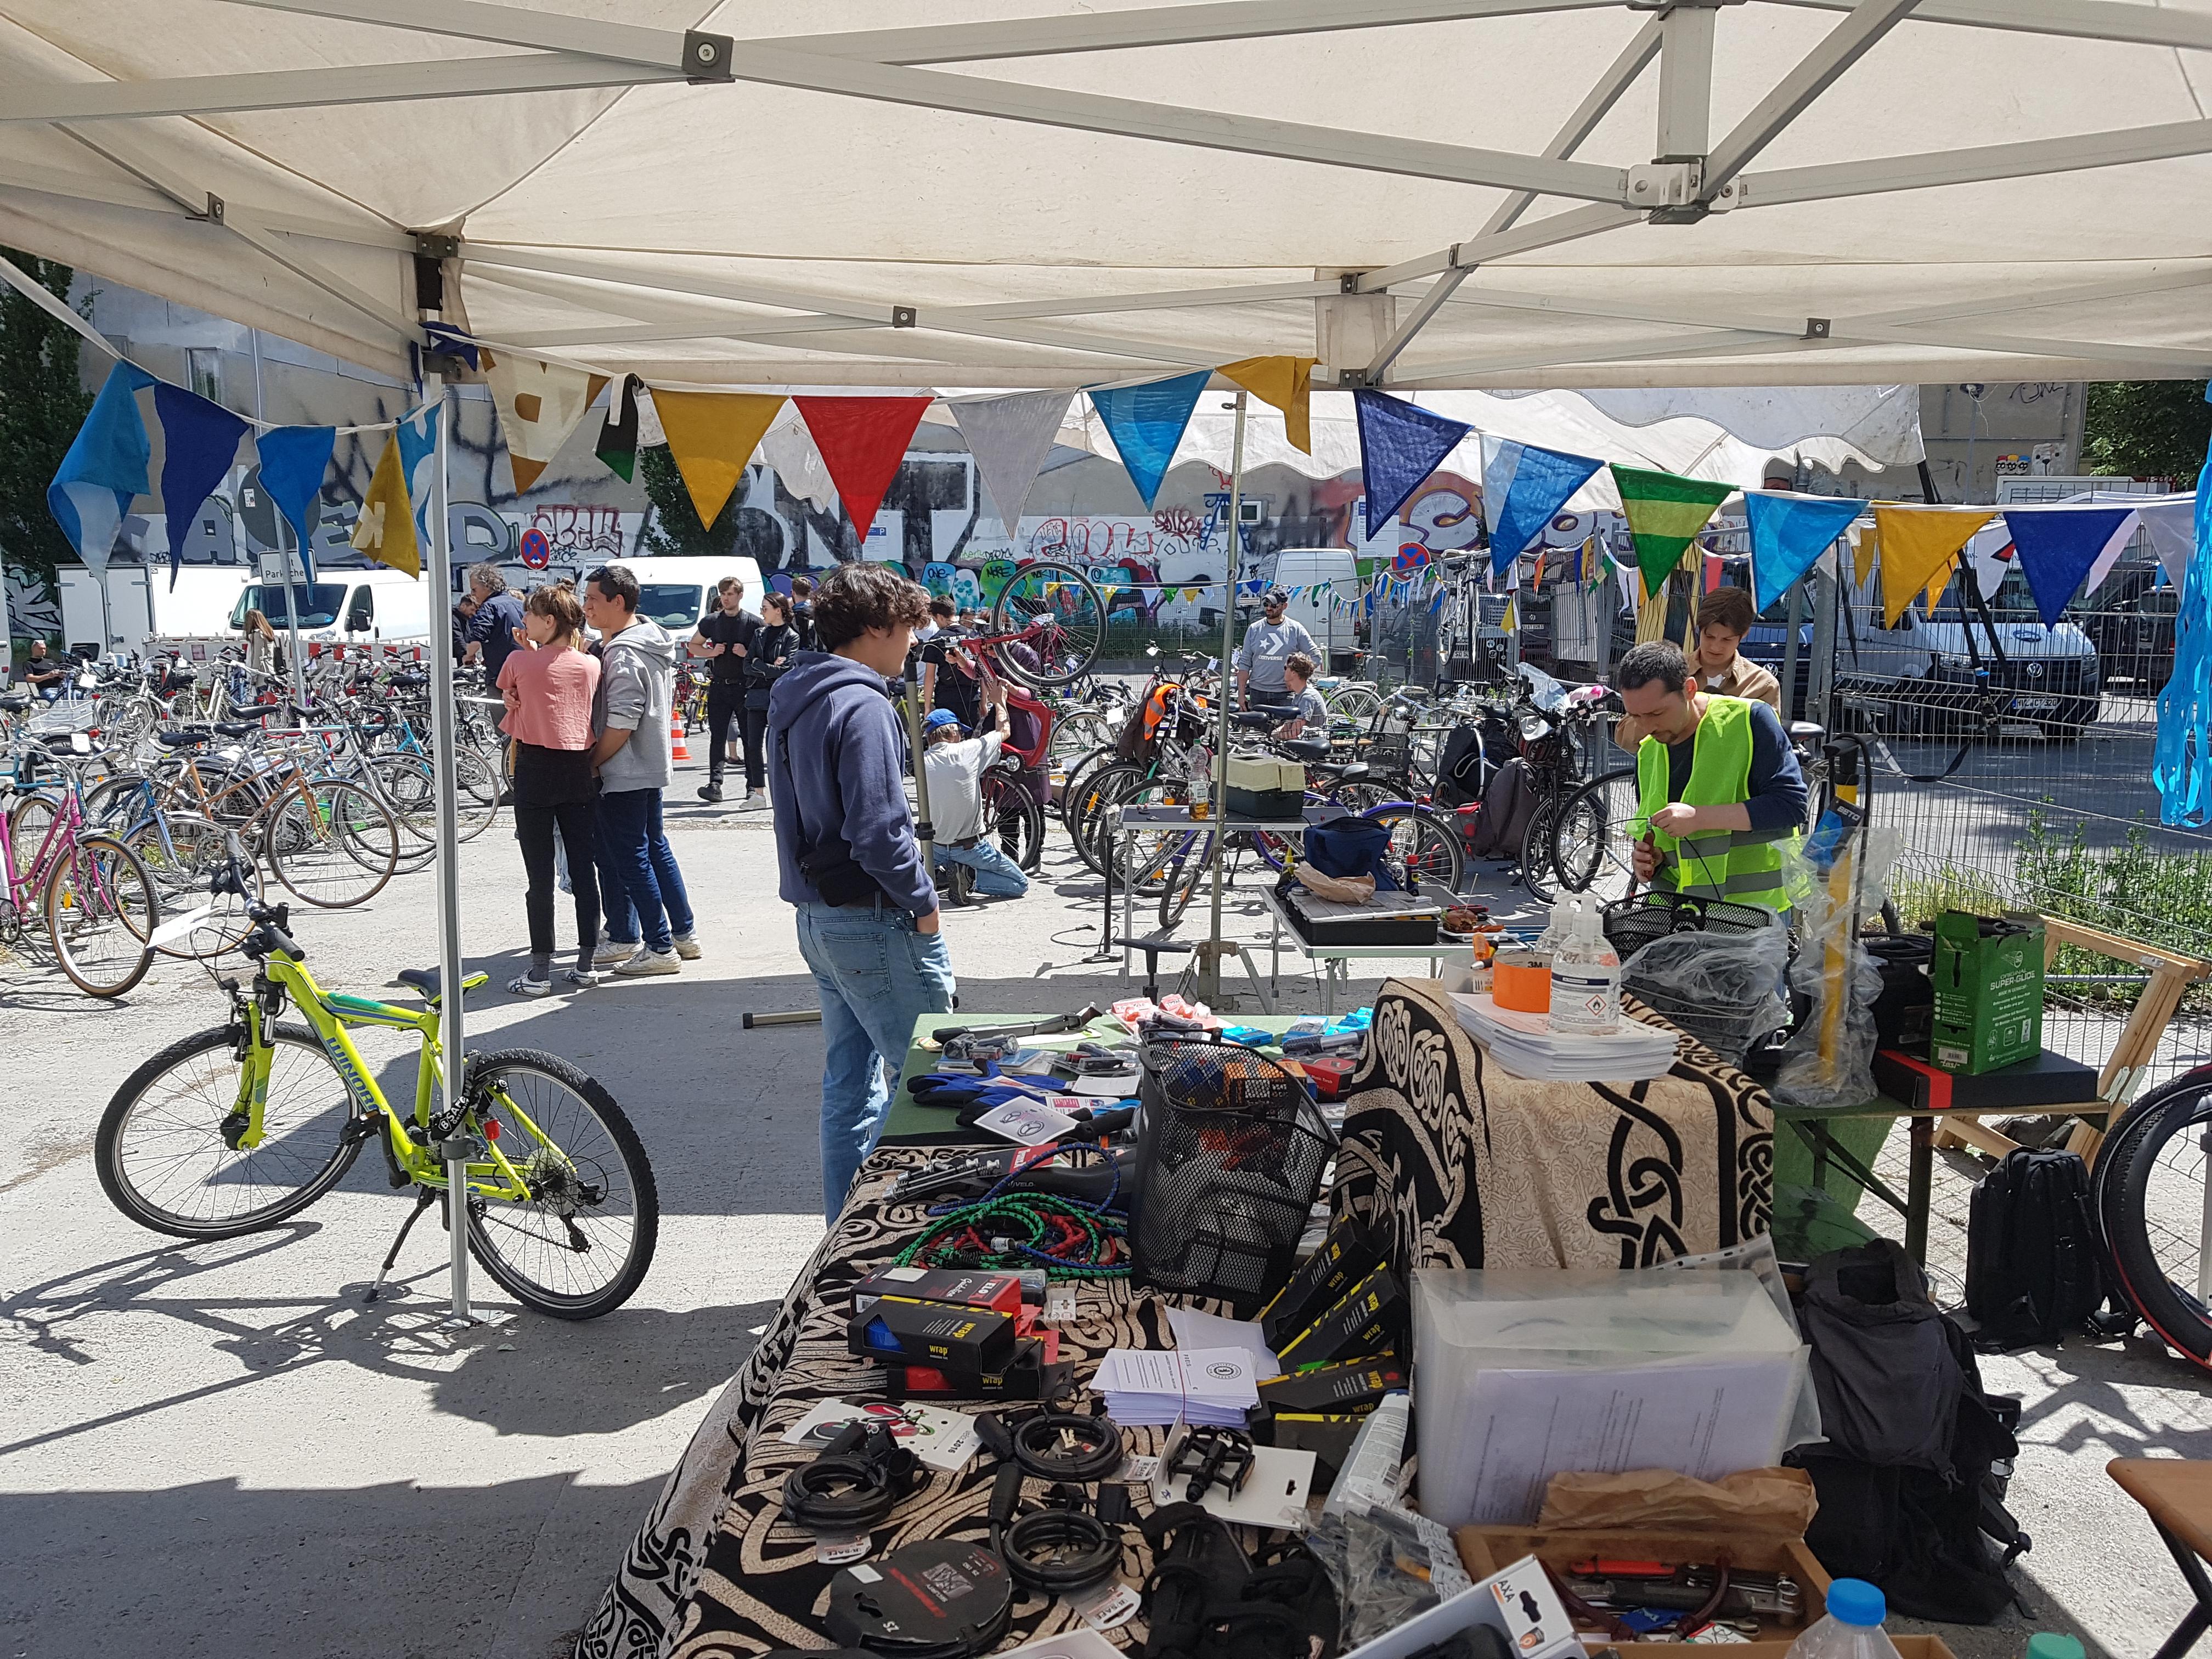 Fahrradmarkt Kreuzberg - Neue & gebrauchte Fahrräder Berlin günstig kaufen - Juni 2020 - 03